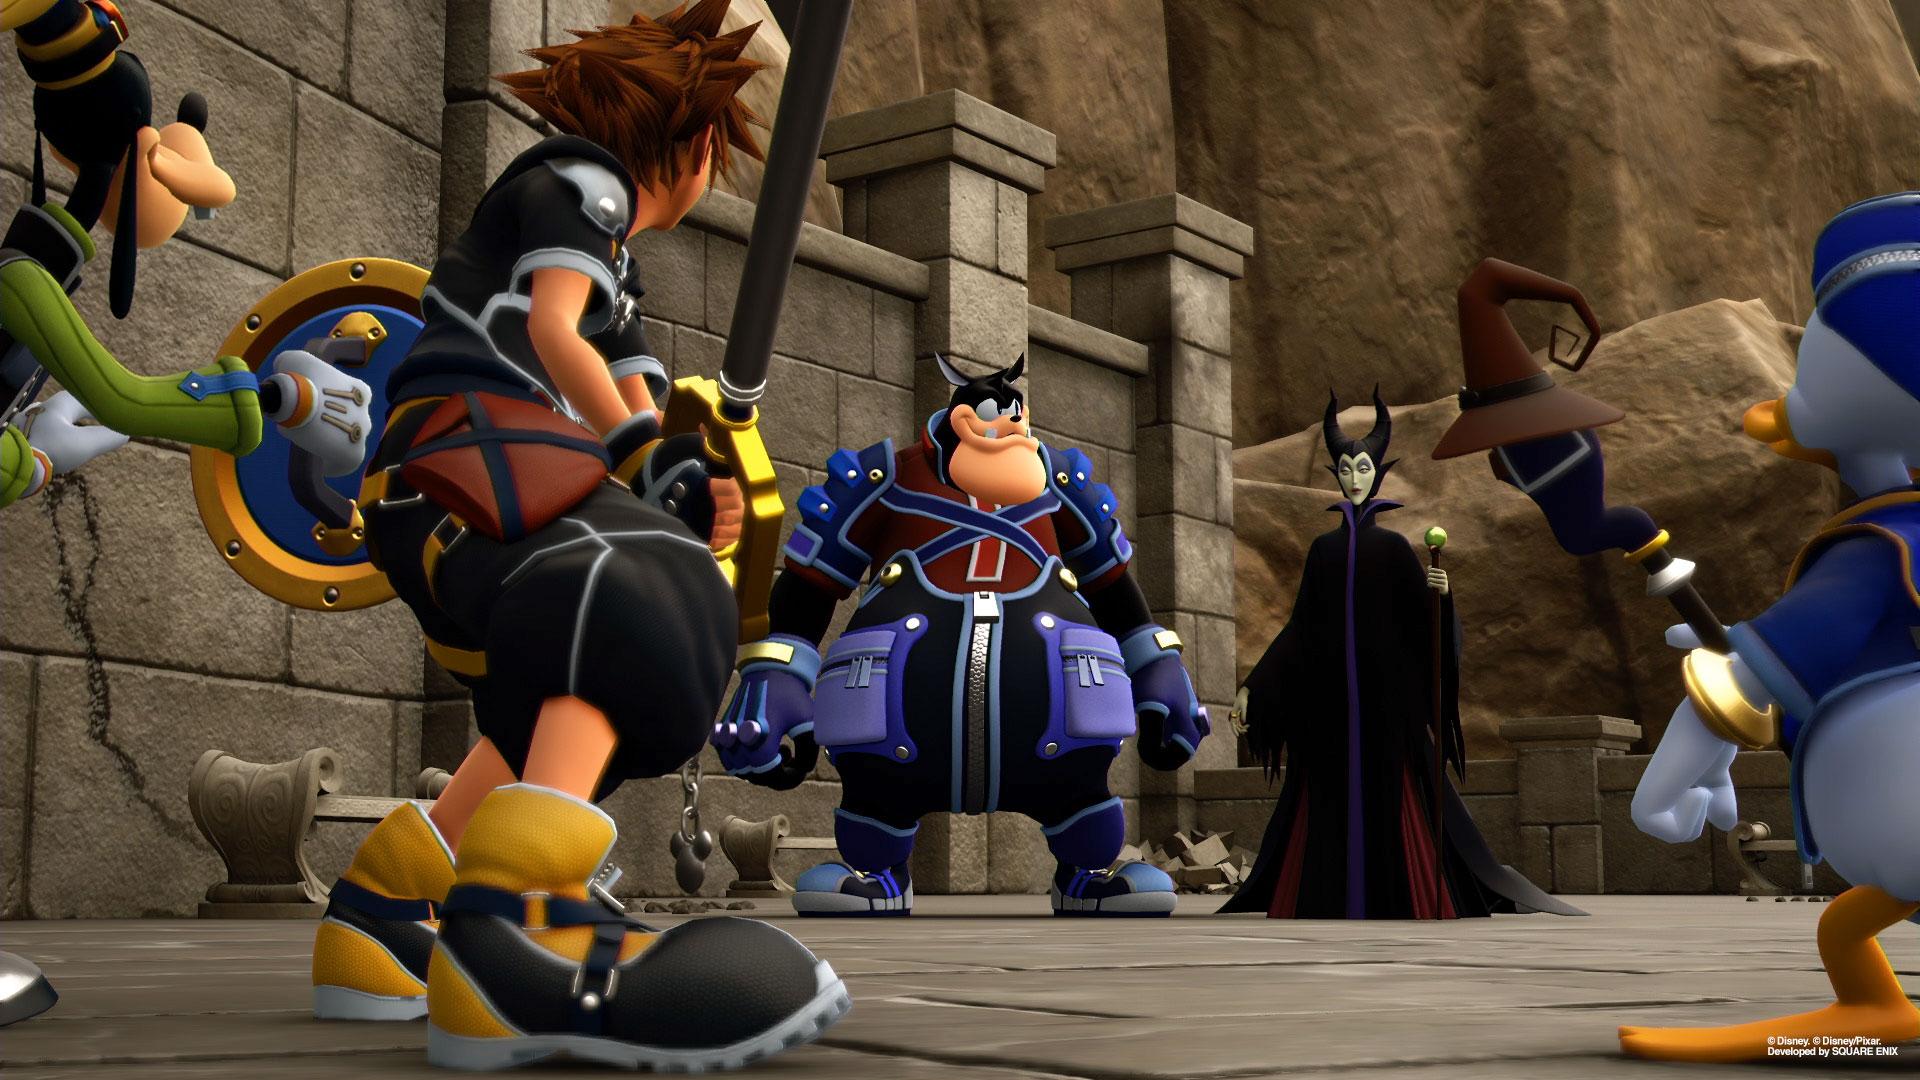 Berapa Banyak Dunia Di Game Kingdom Hearts 3